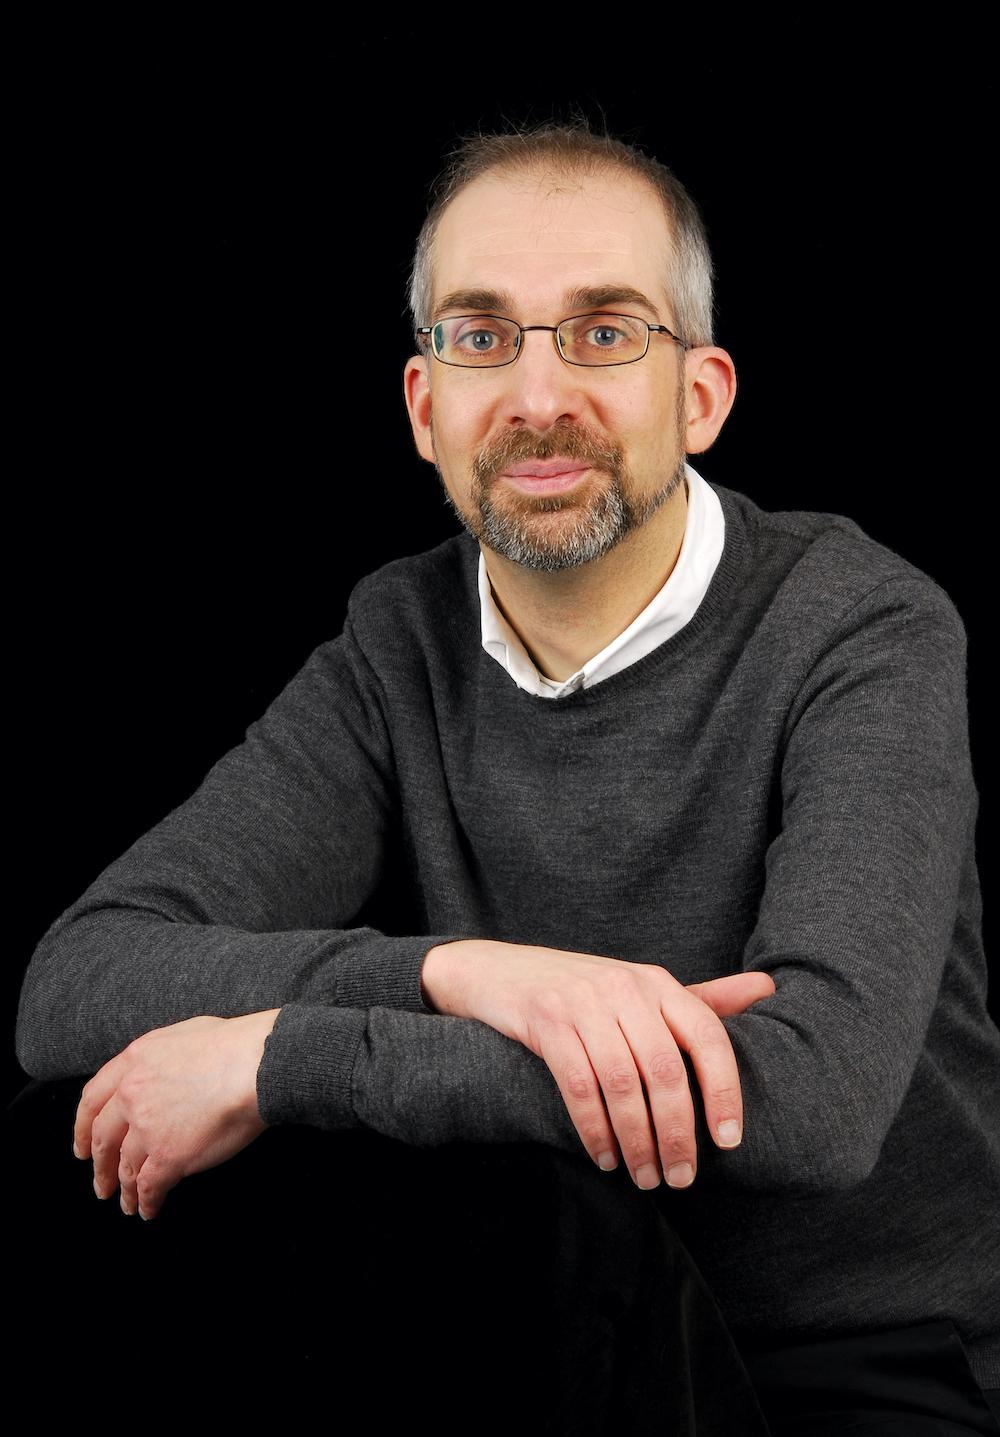 Steve Yambo of Fellows